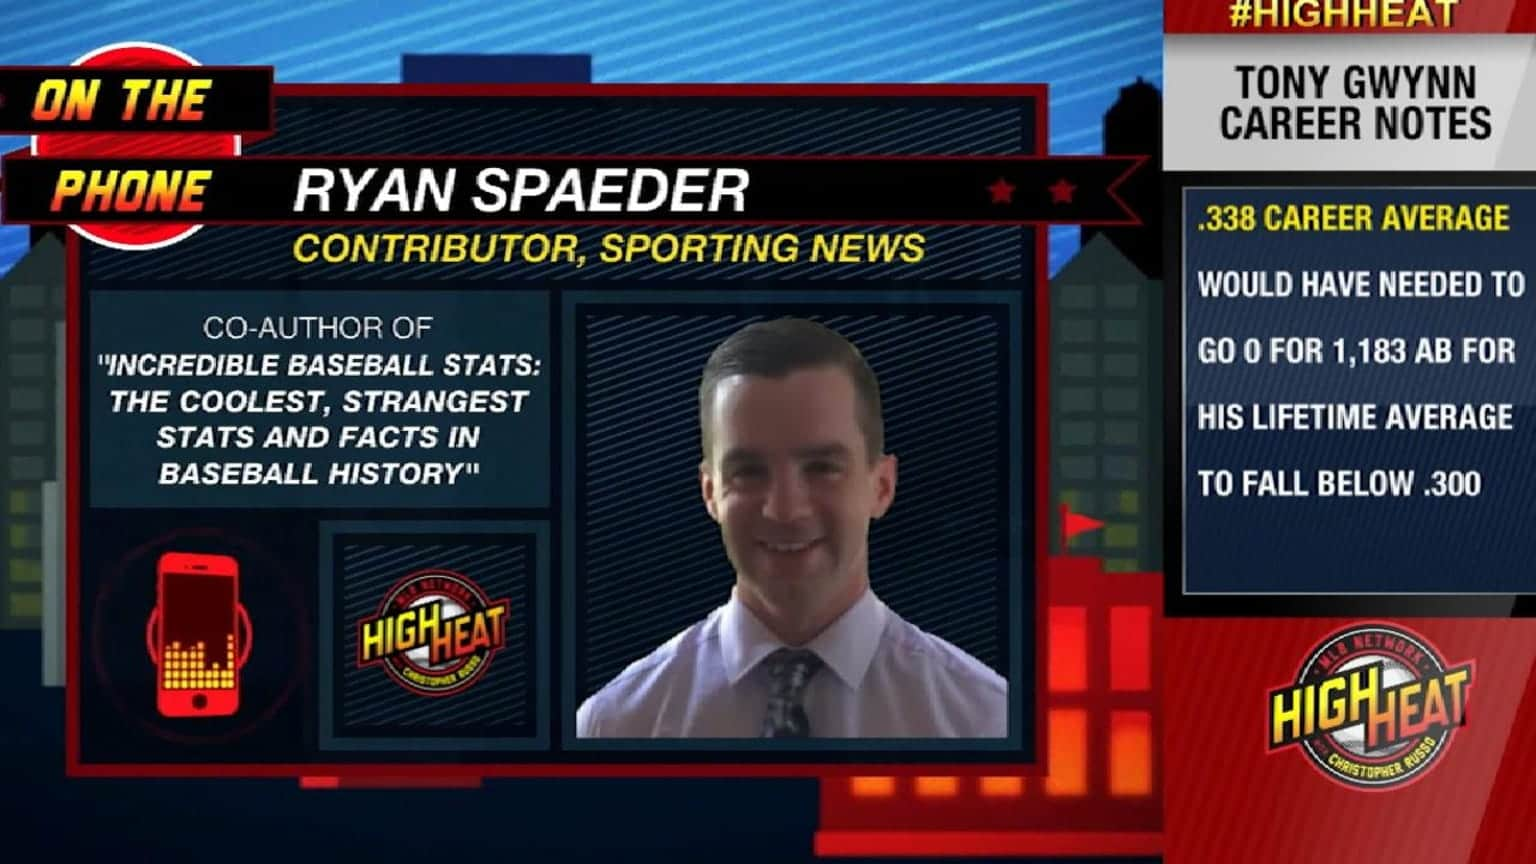 Ryan Spaeder